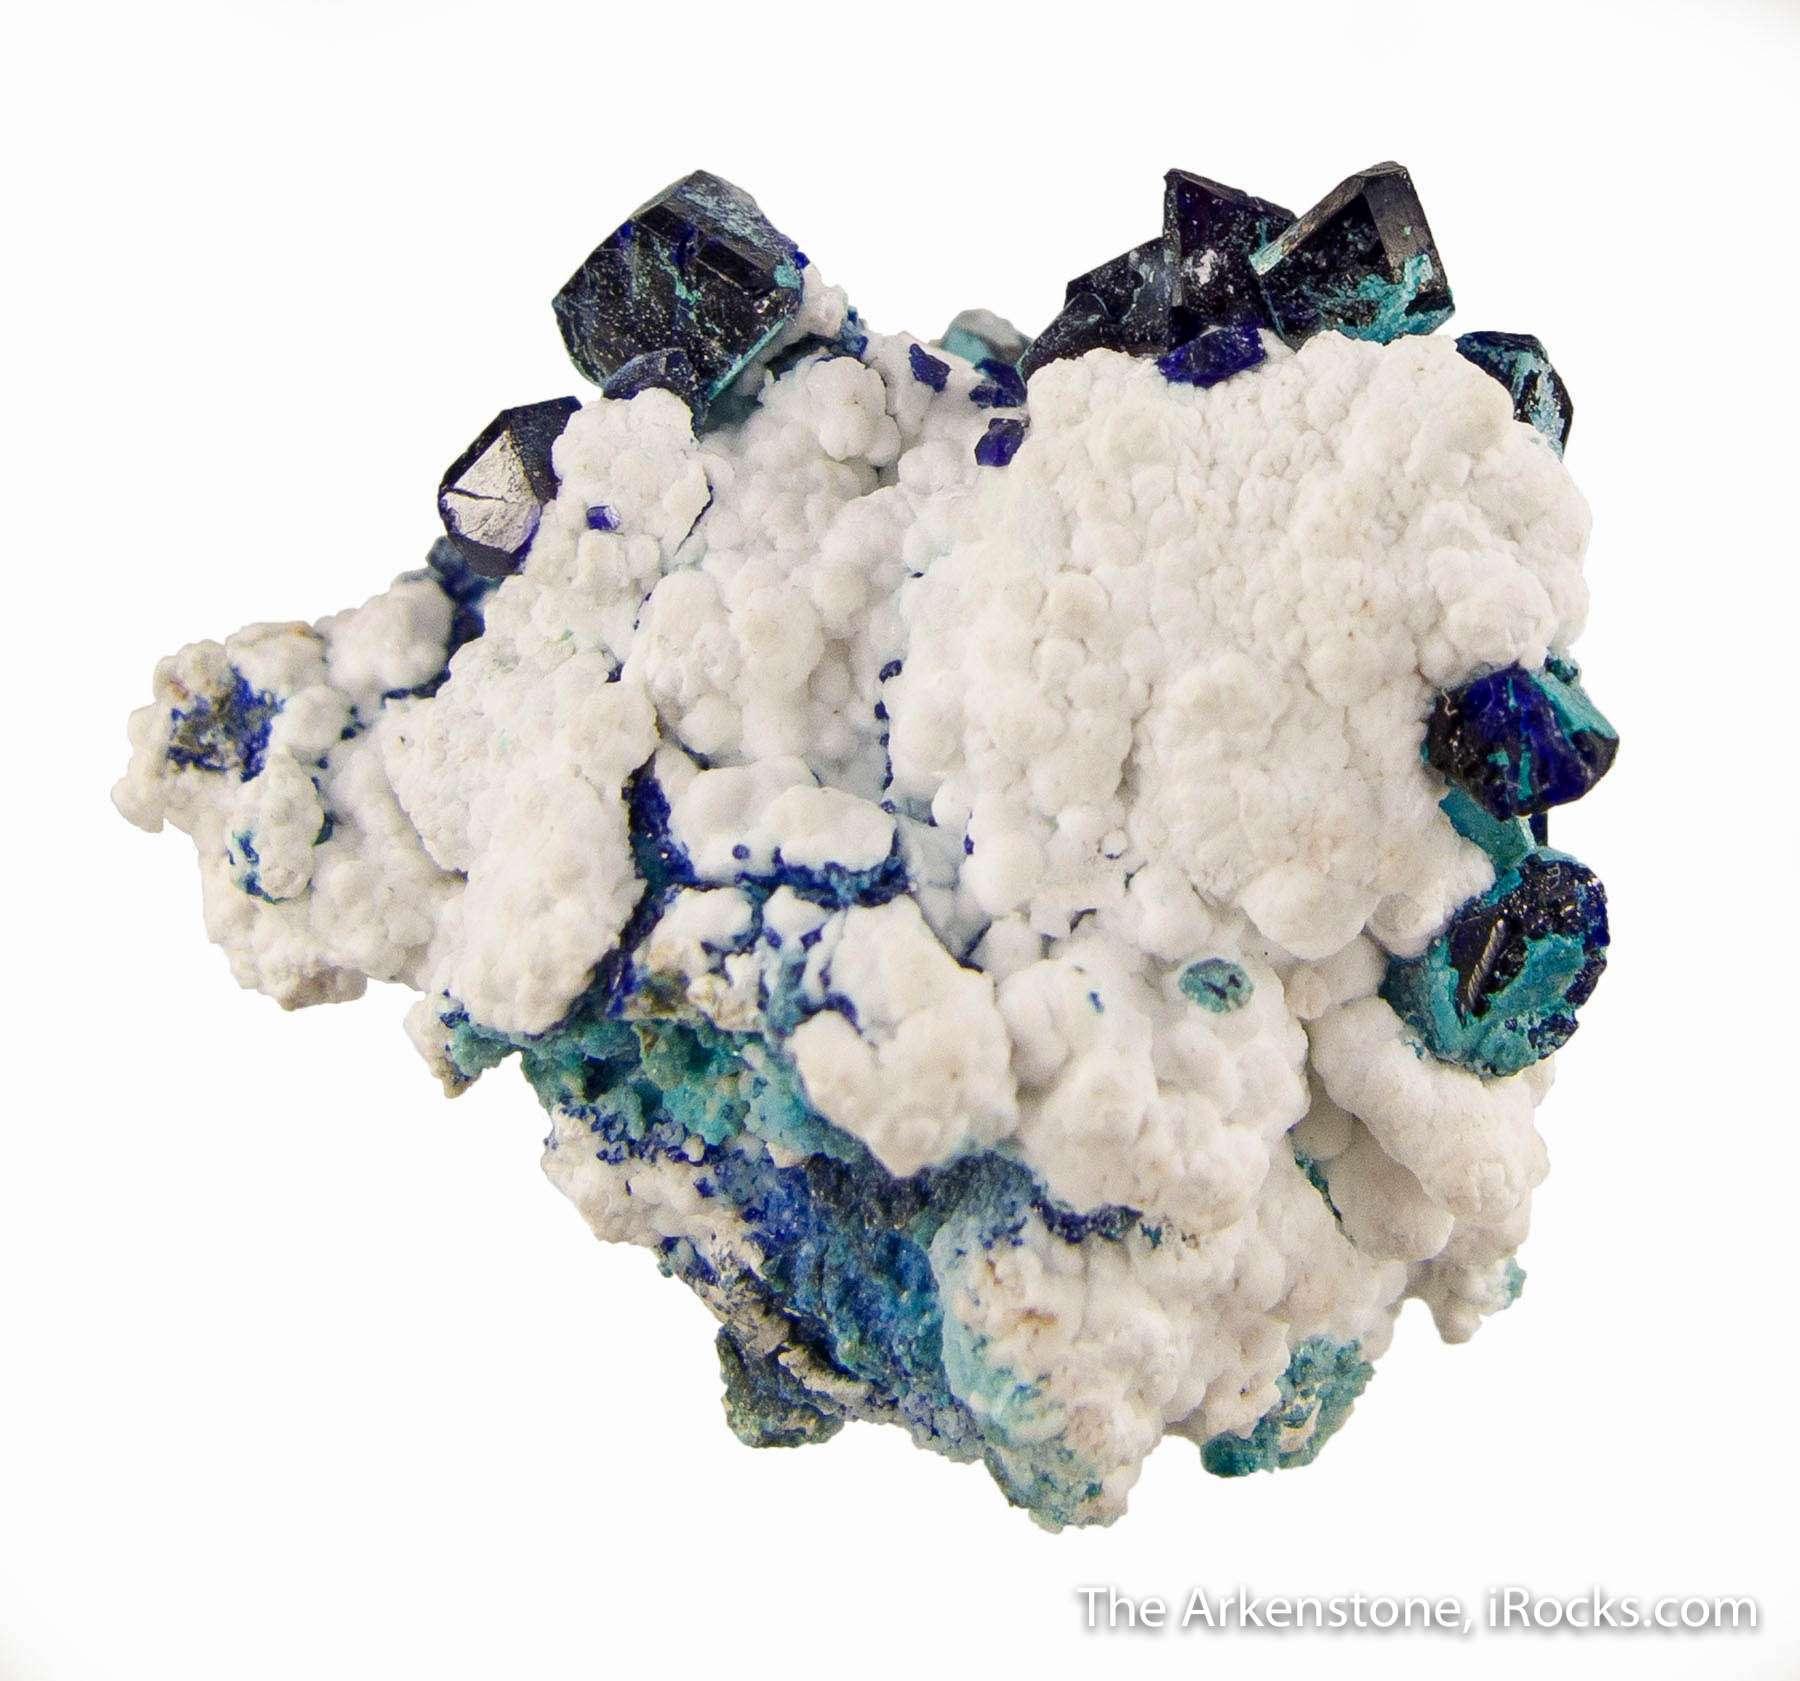 Henmilite exceptionally rare beautiful calcium copper boro hydroxide